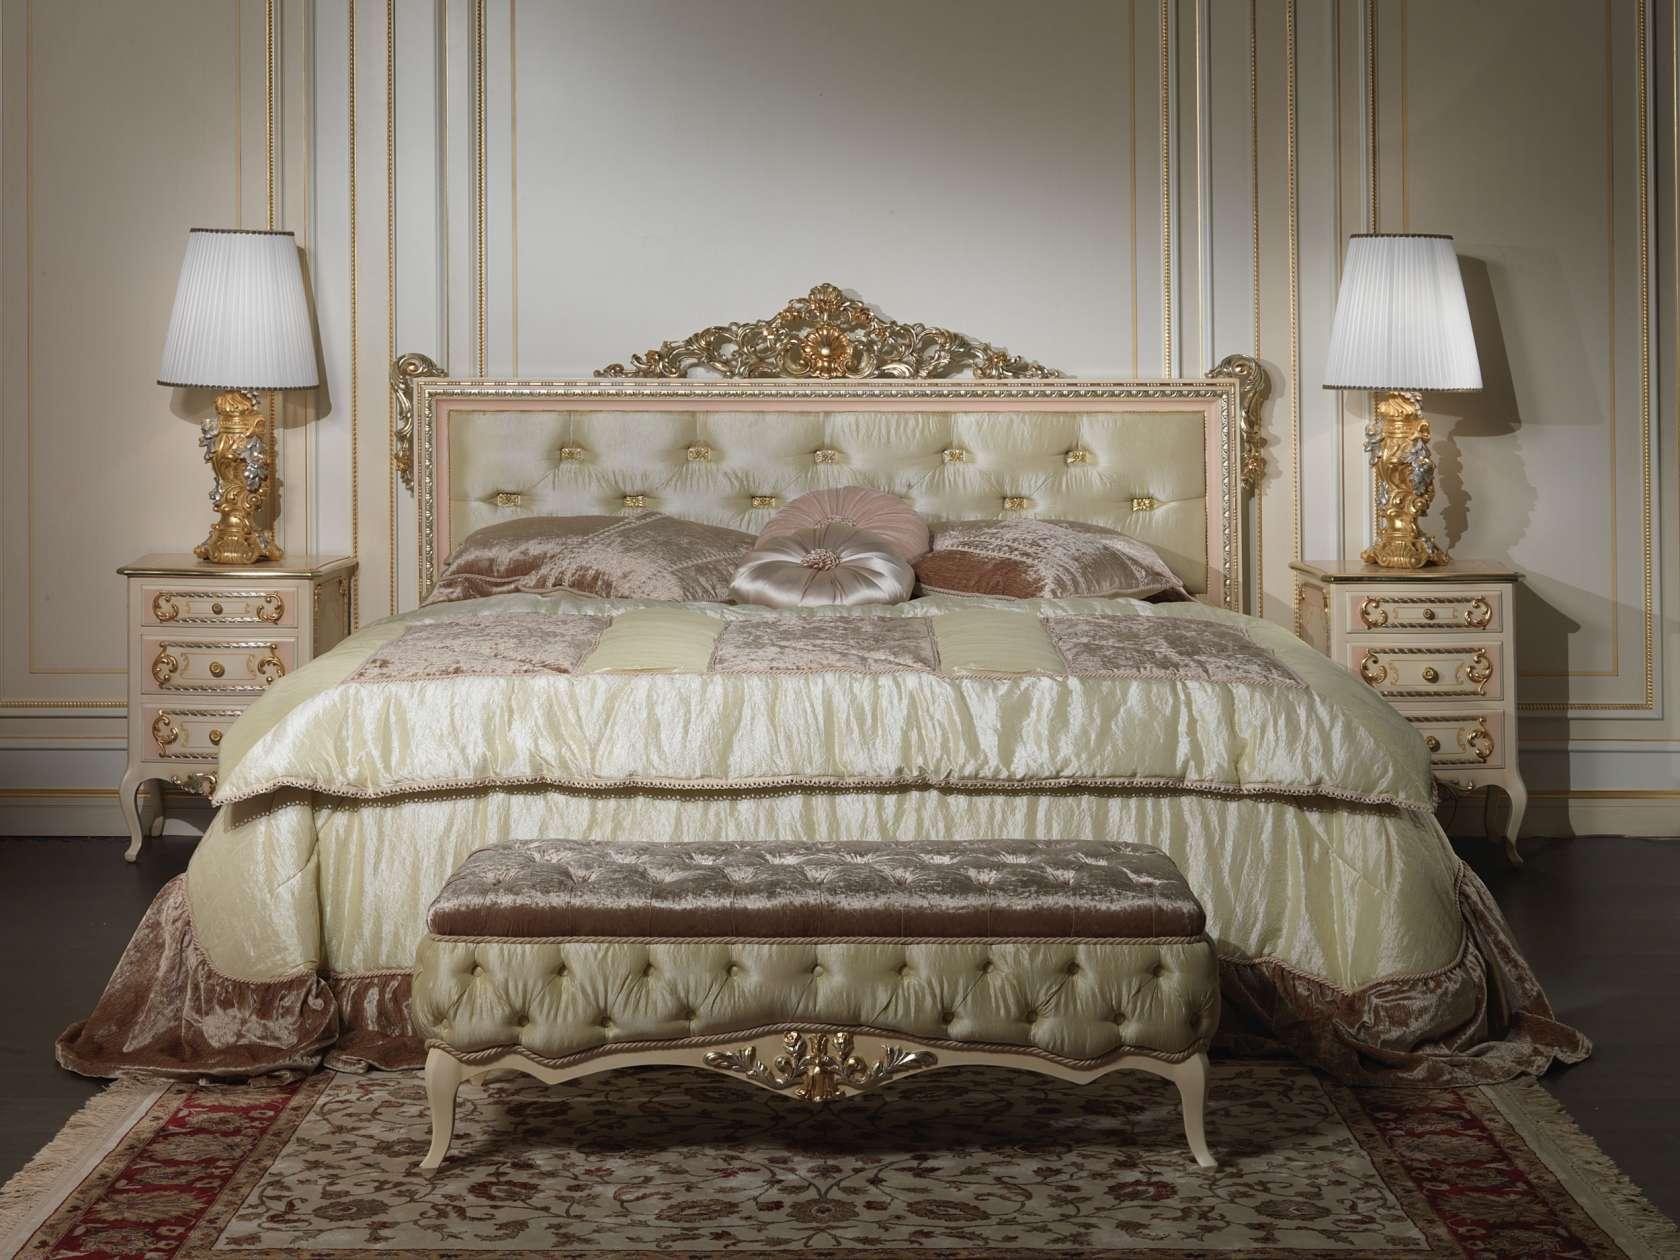 Letto matrimoniale stile classico Louvre 943 | Vimercati Meda